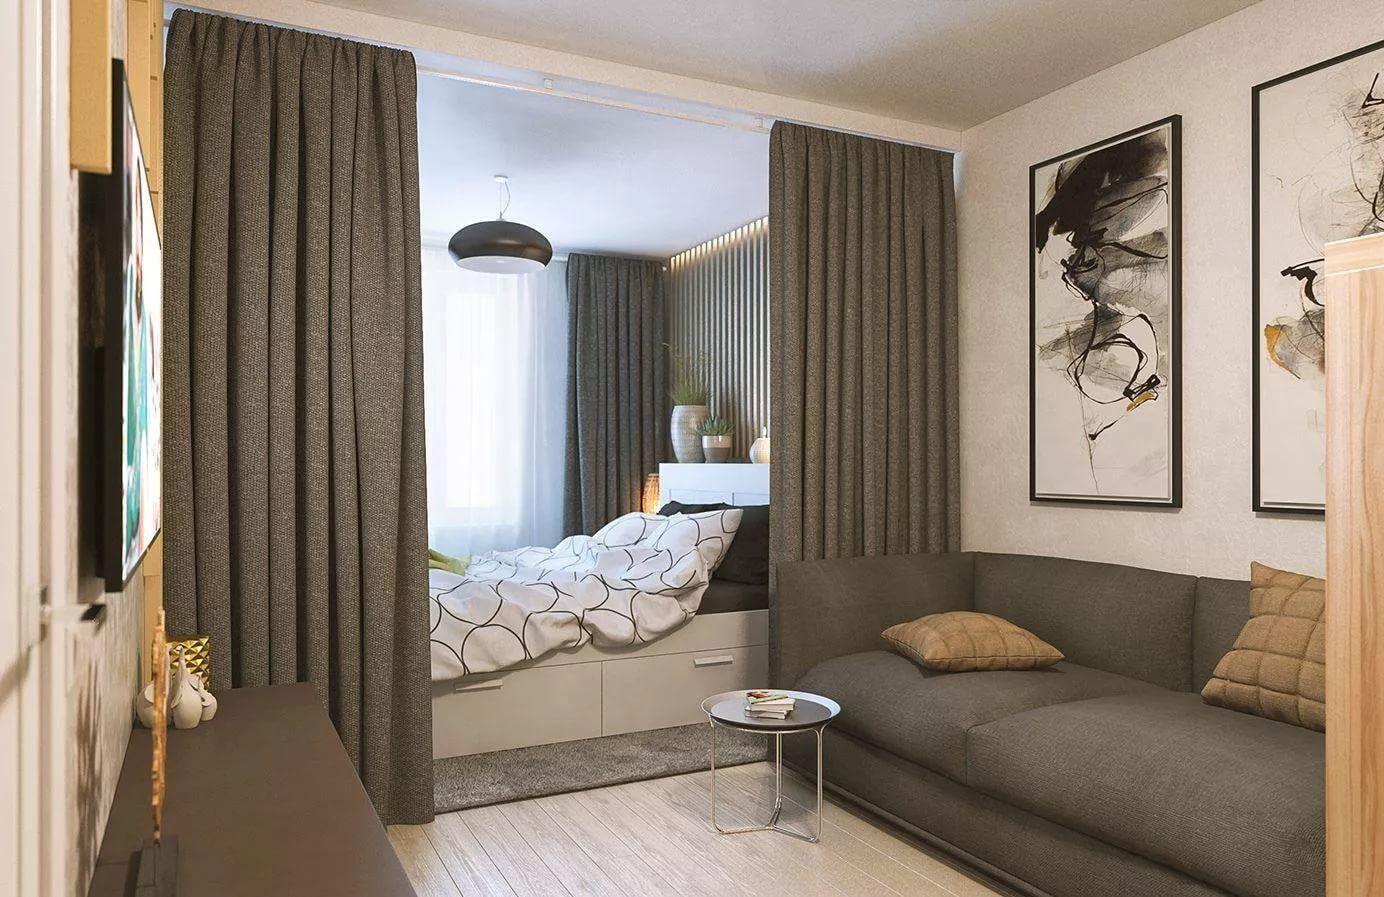 Натяжной потолок в квартире: безопасность